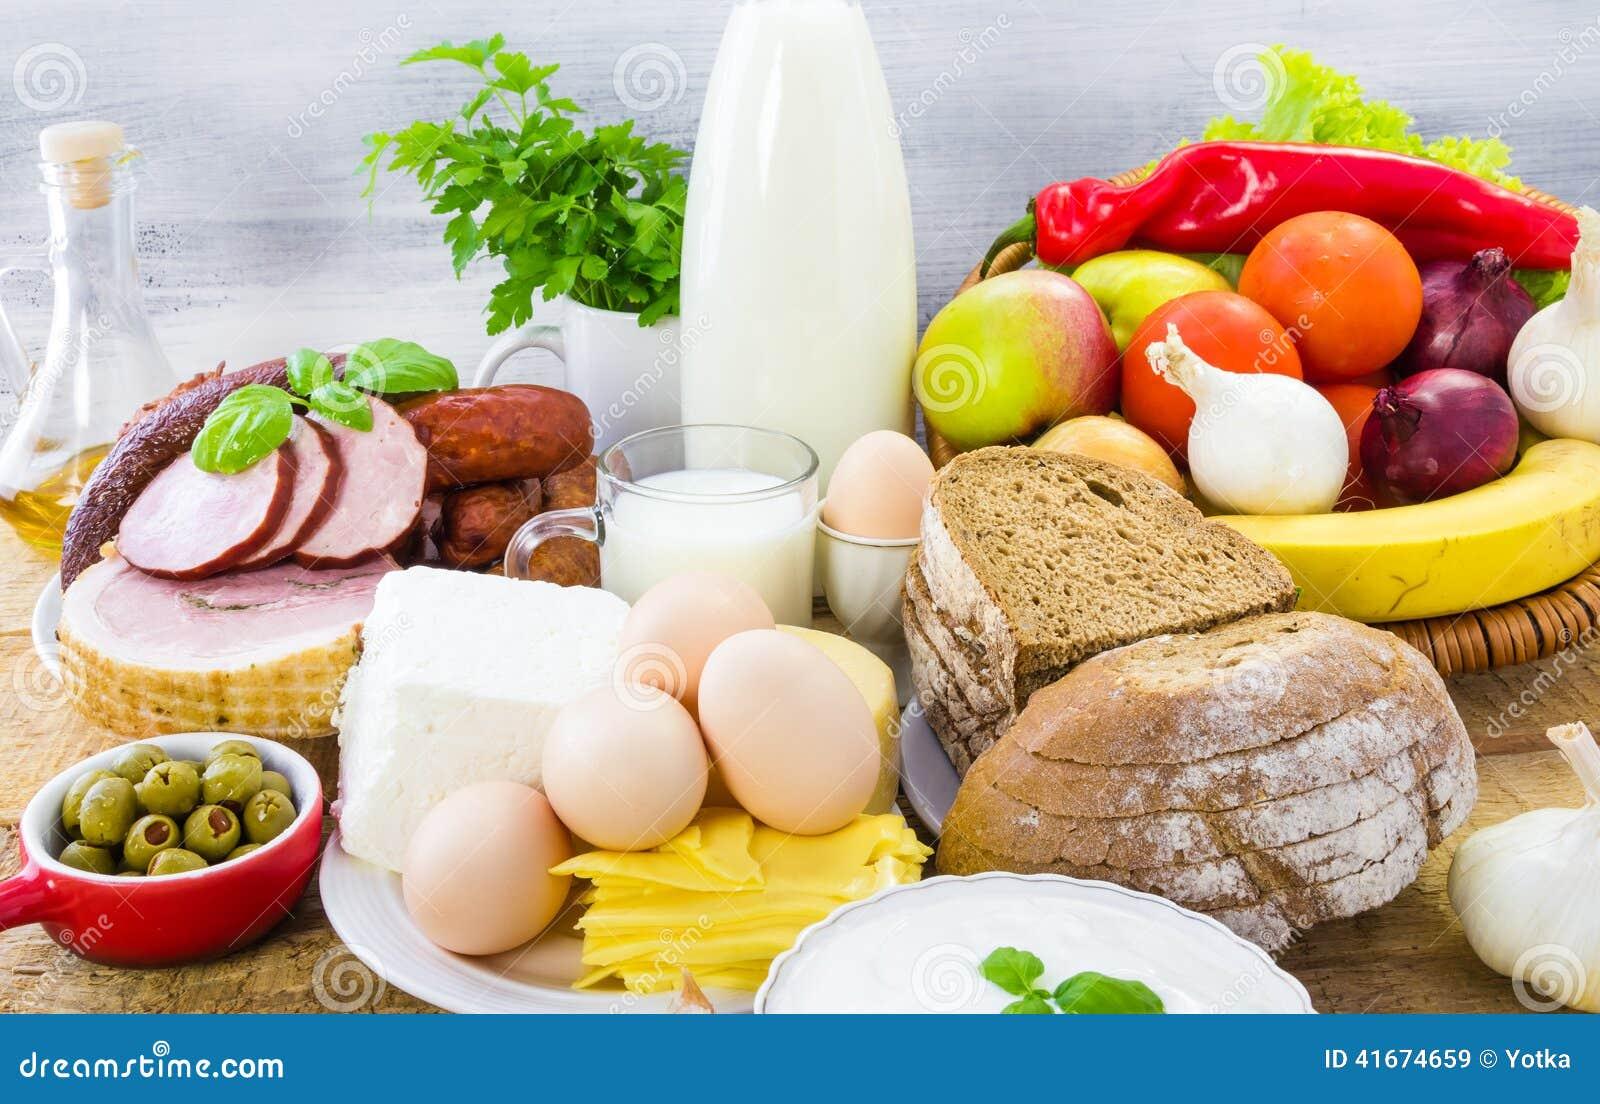 Różny karmowy nabiału chleba mięso